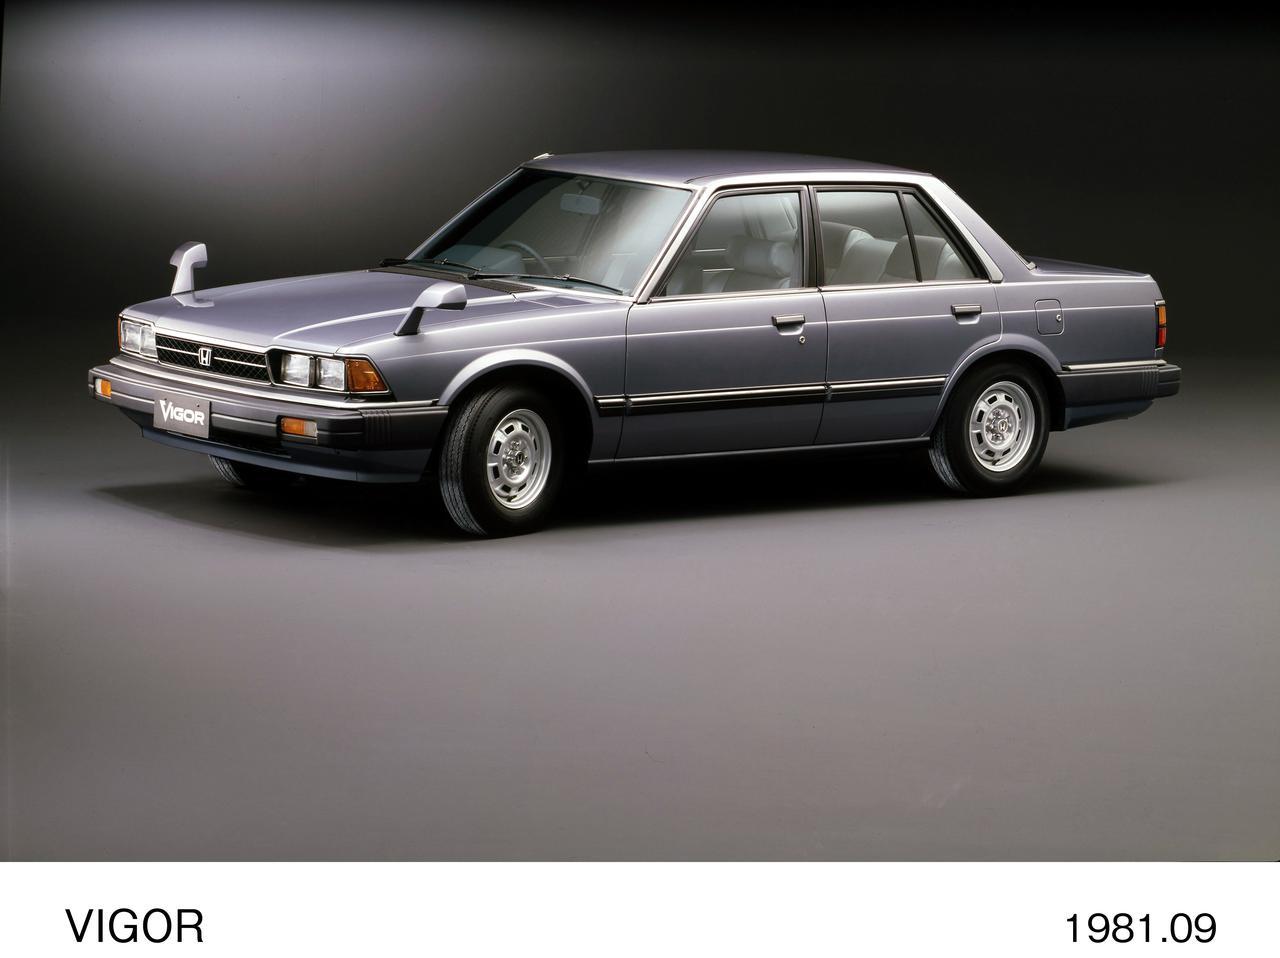 Images : 3番目の画像 - すべての画像を見る(クリックして拡大) - A Little Honda | ア・リトル・ホンダ(リトホン)